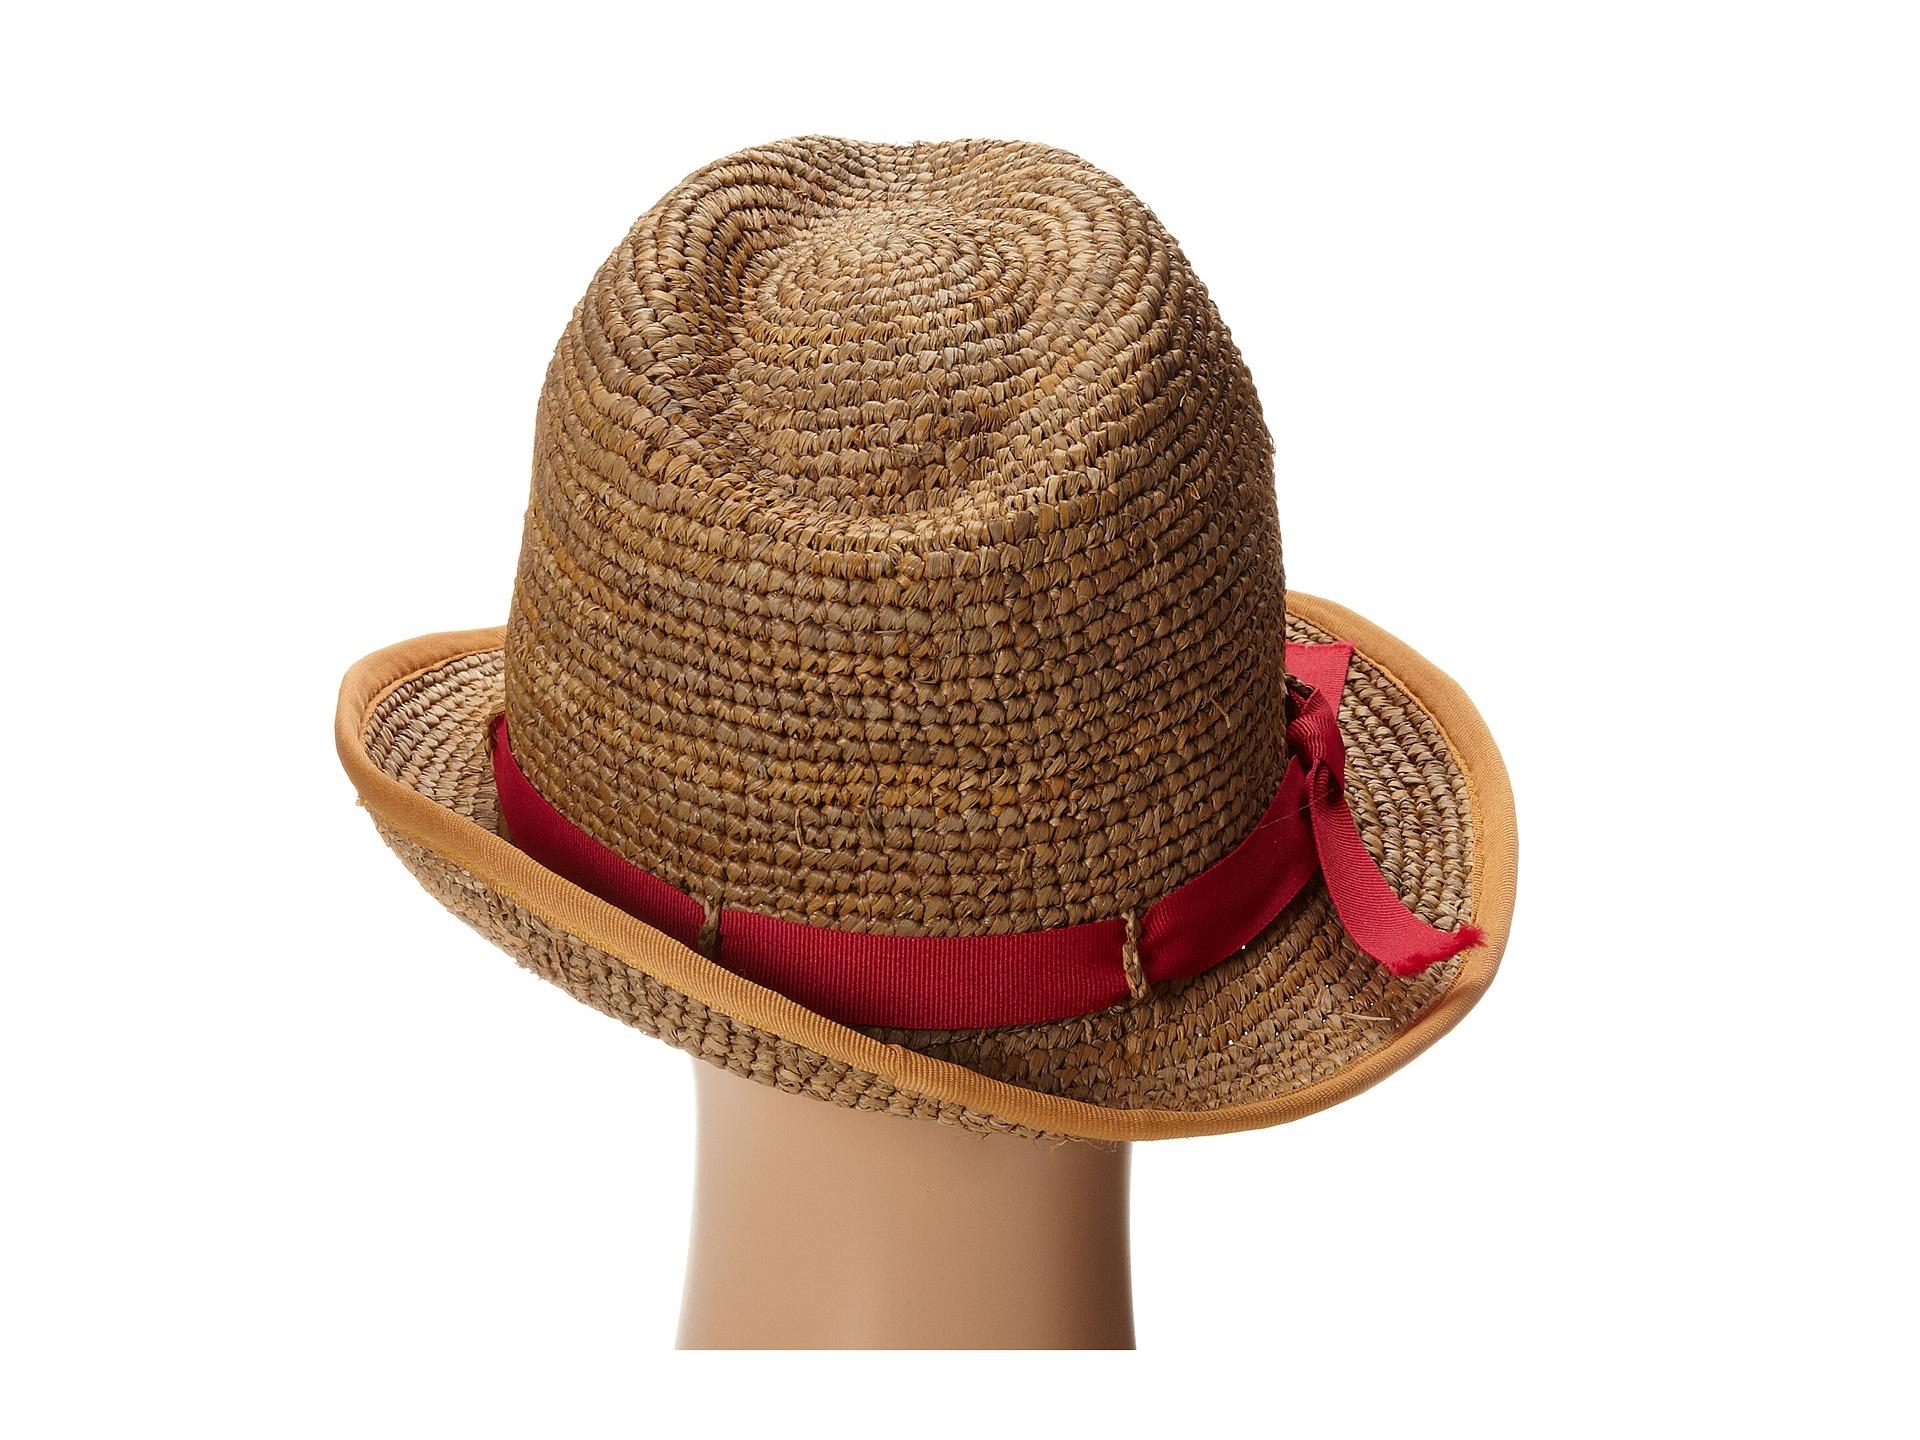 Lyst - Hat Attack Raffia Crochet Bound Edge Fedora in Brown